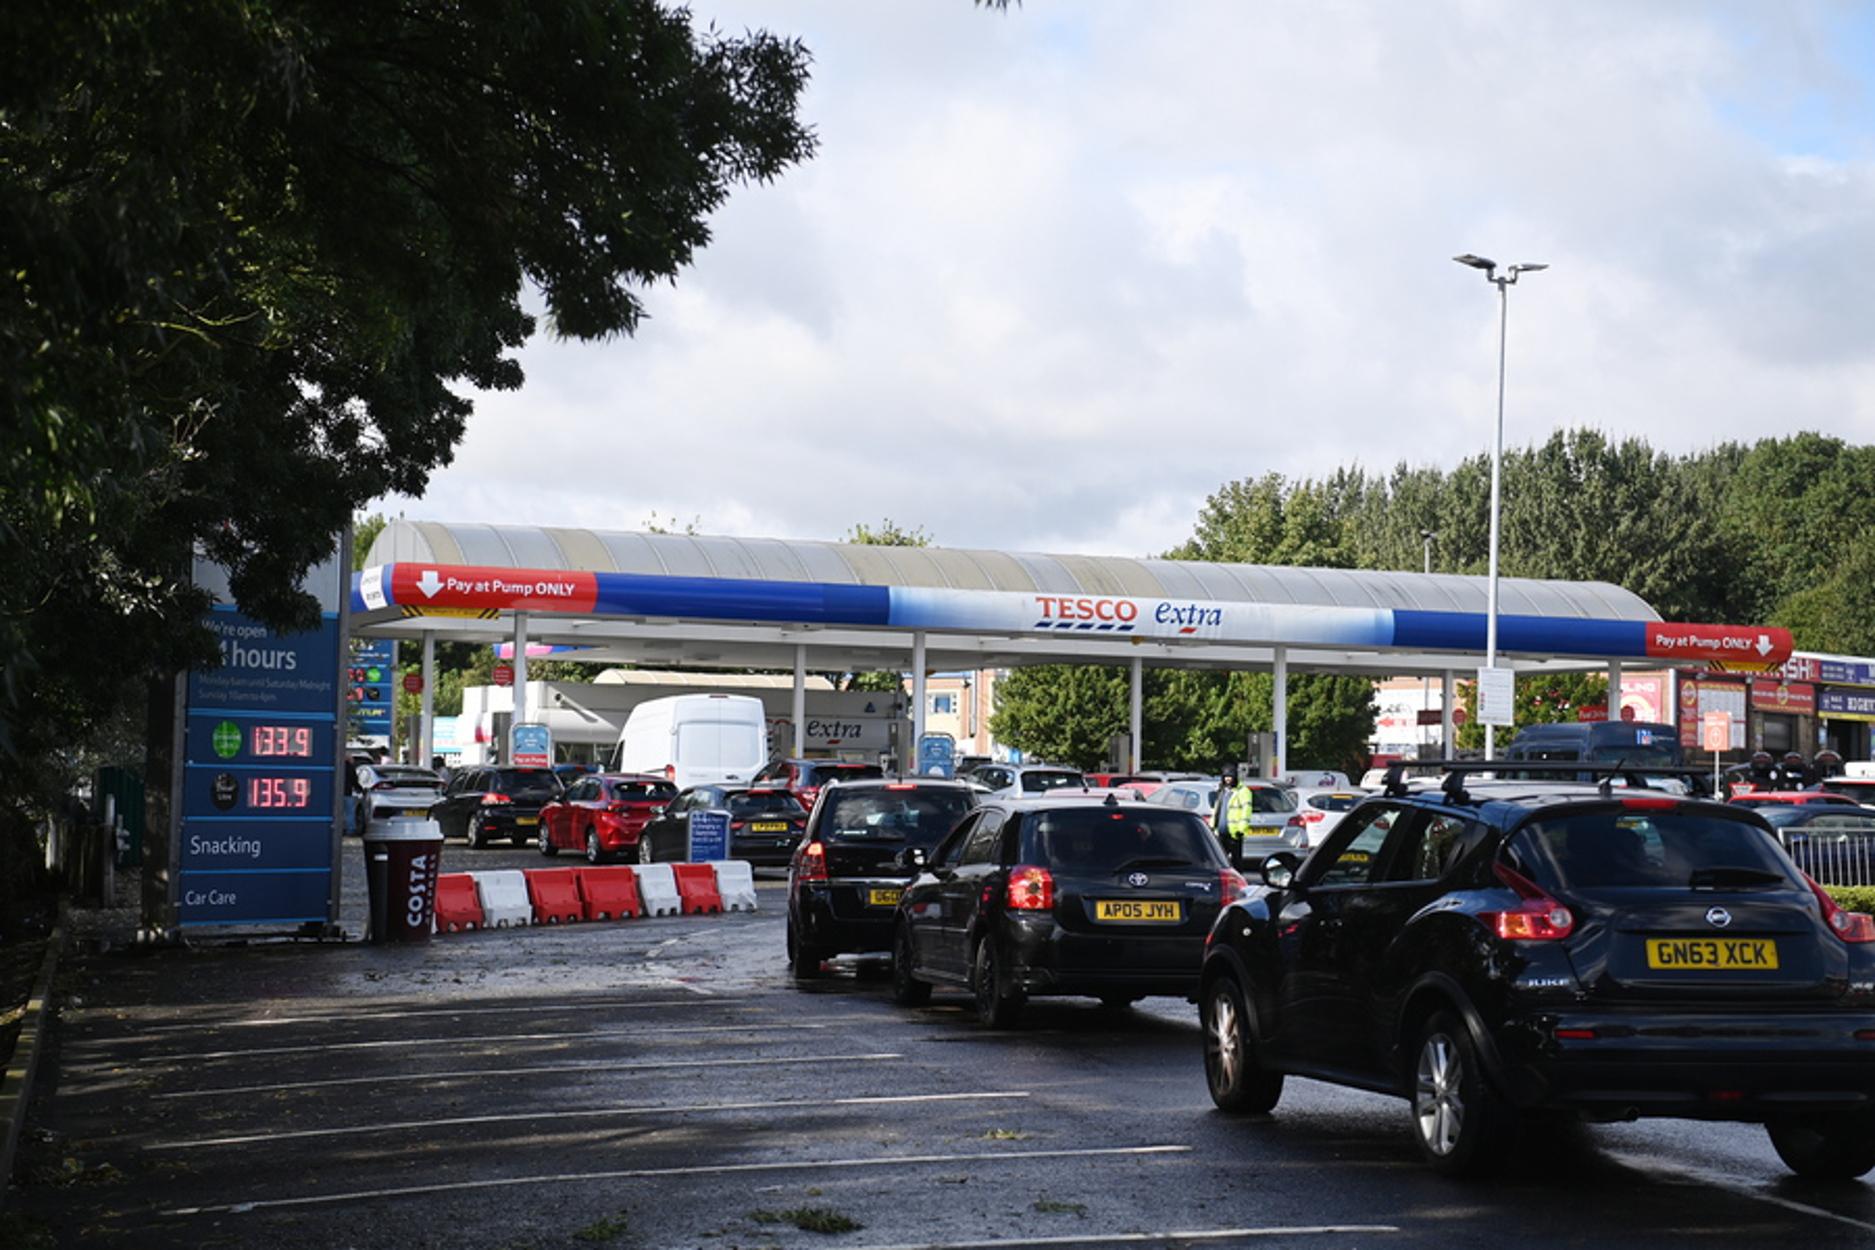 Βρετανία – καύσιμα: Εργαζόμενοι πρώτης γραμμής ζητούν να εξυπηρετούνται πρώτοι στα βενζινάδικα